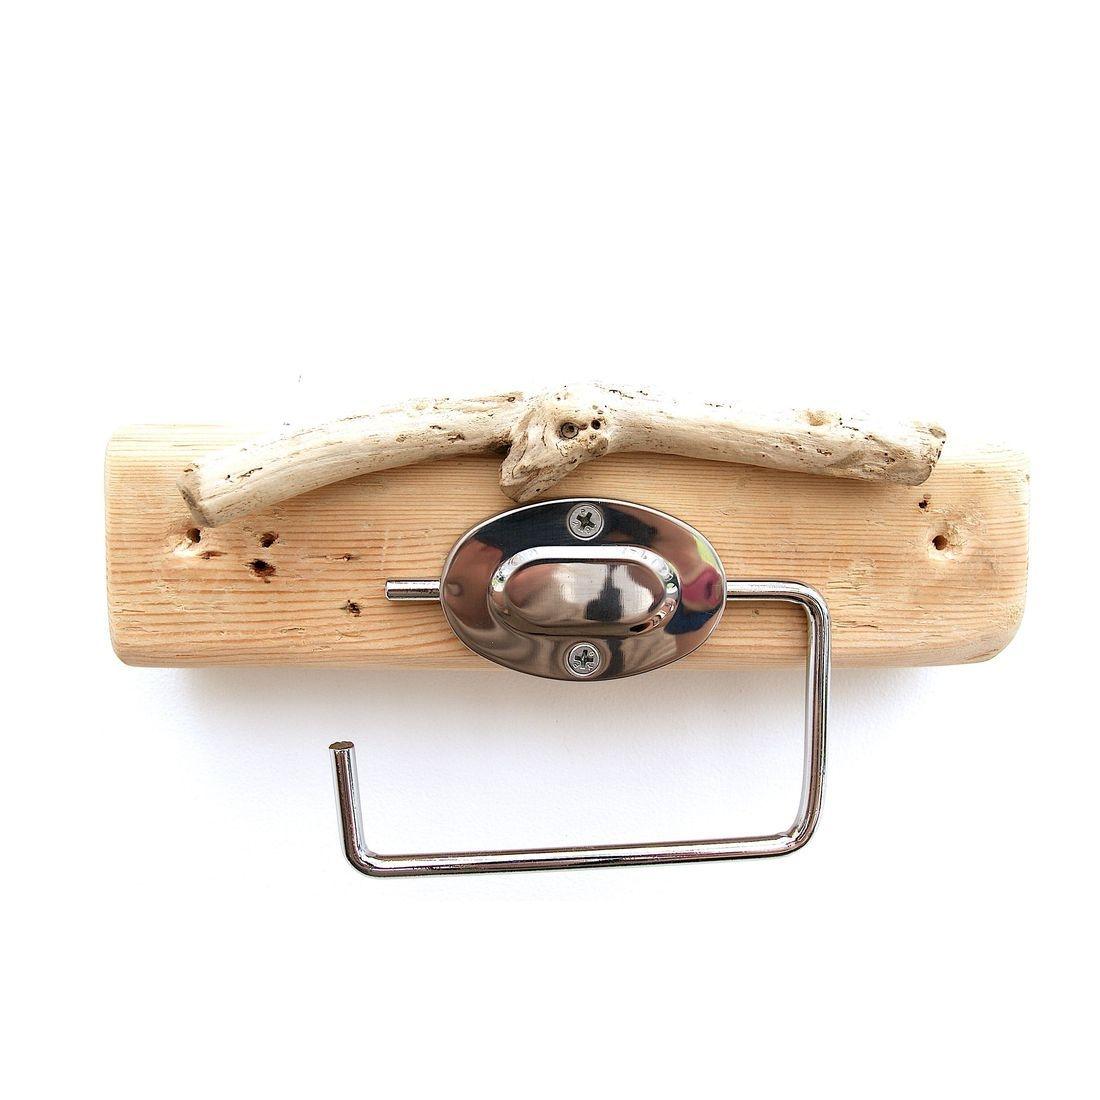 Driftwood toilet roll holder 13